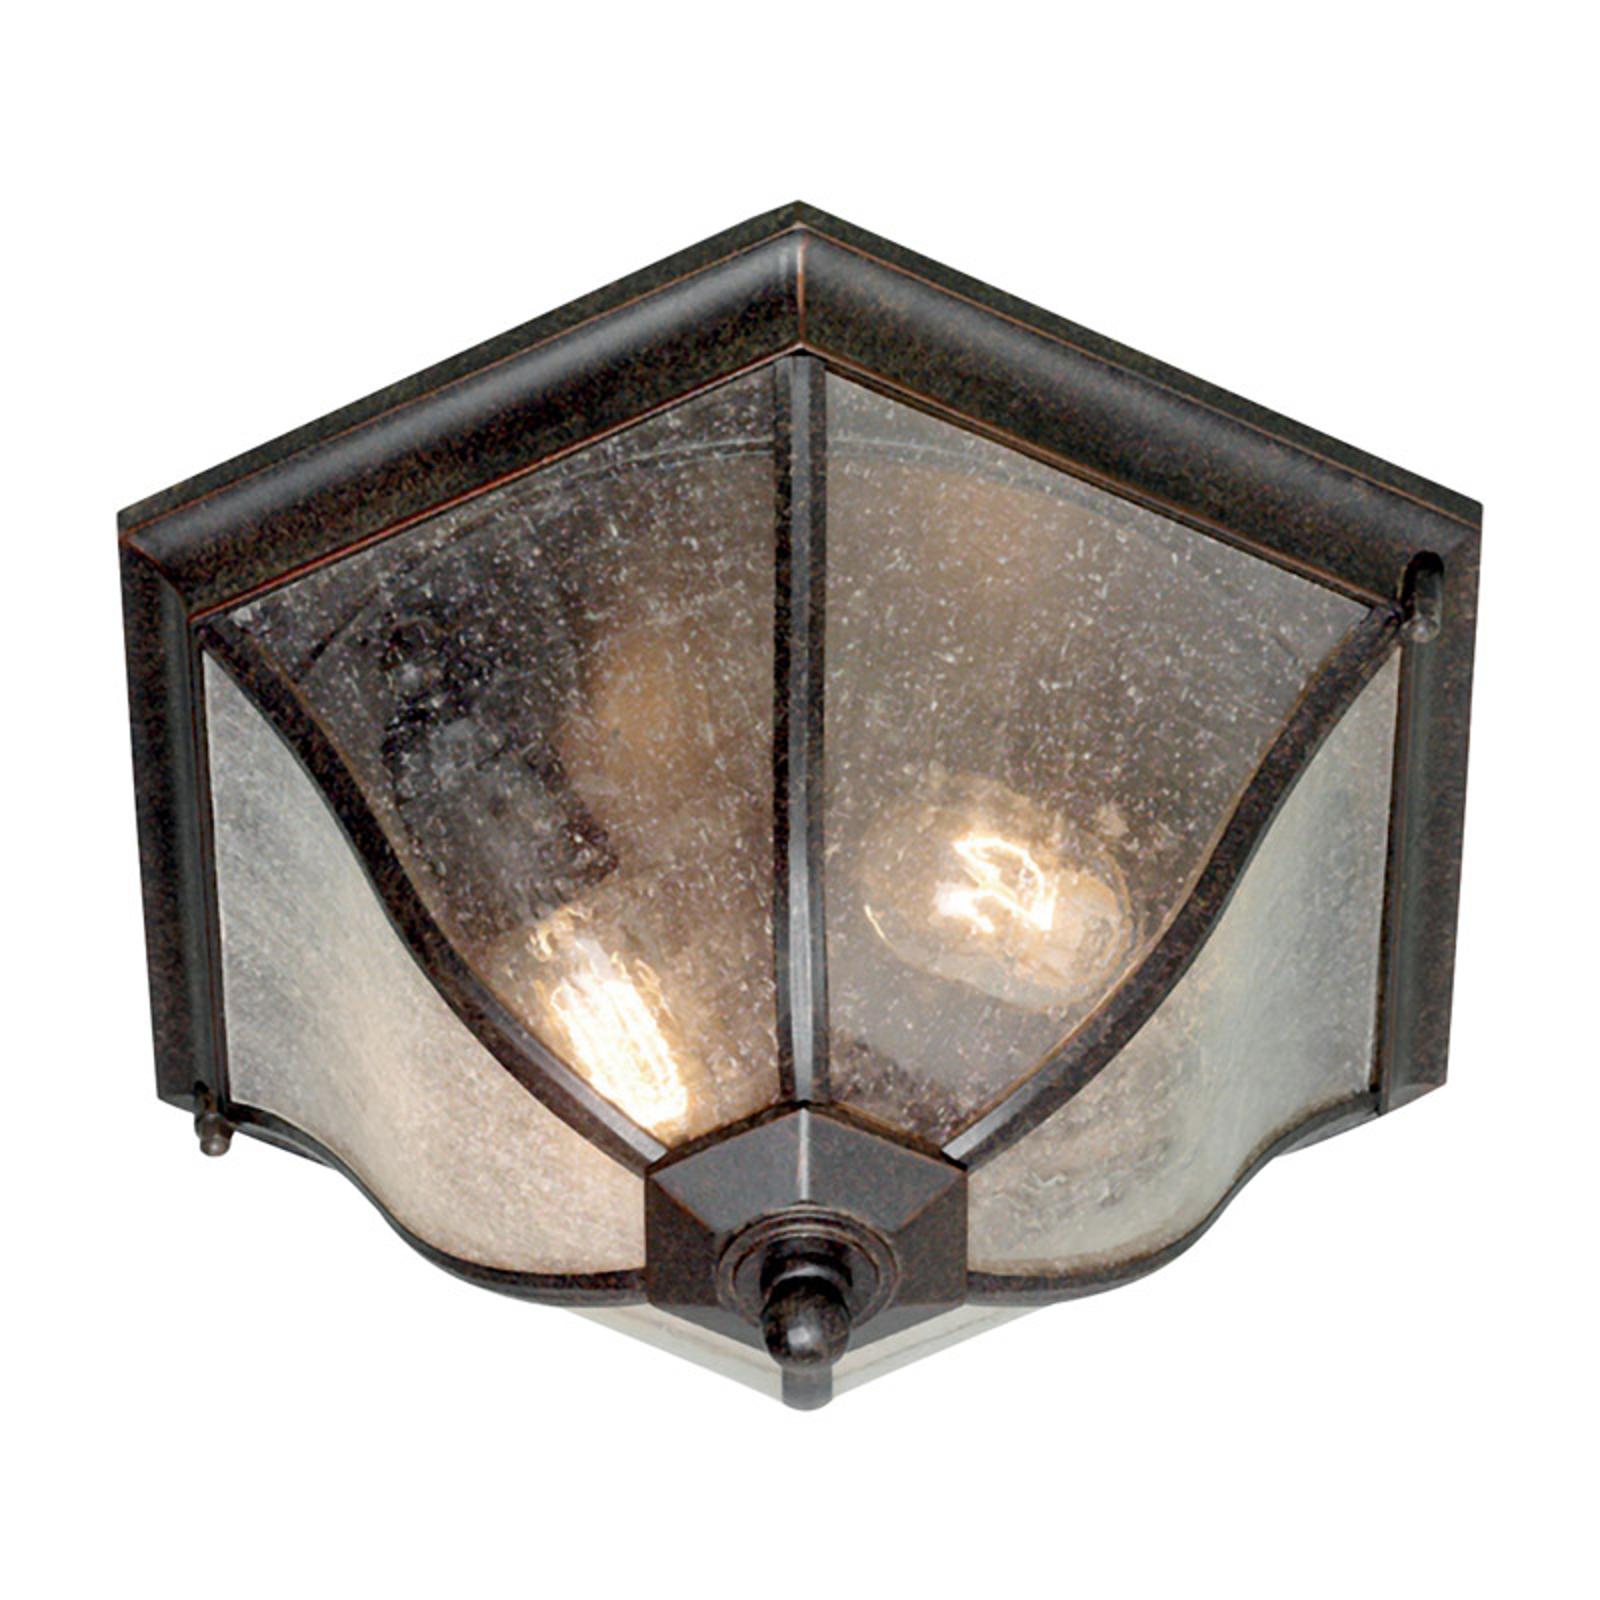 New England udendørs loftslampe, bronzefarvet